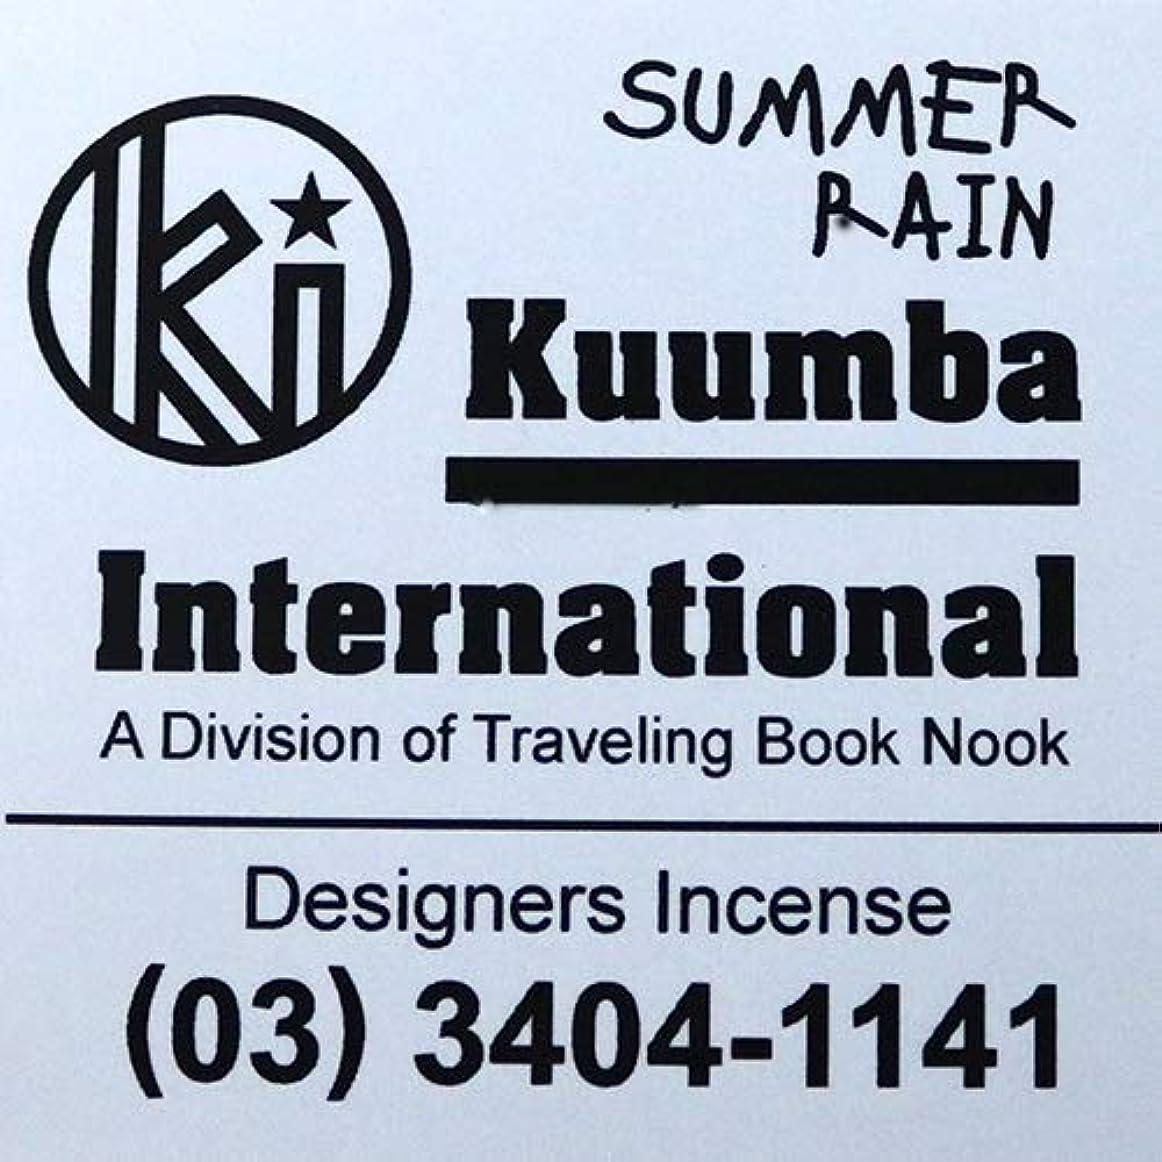 テラス物理的な反対する(クンバ) KUUMBA『incense』(SUMMER RAIN) (SUMMER RAIN, Regular size)